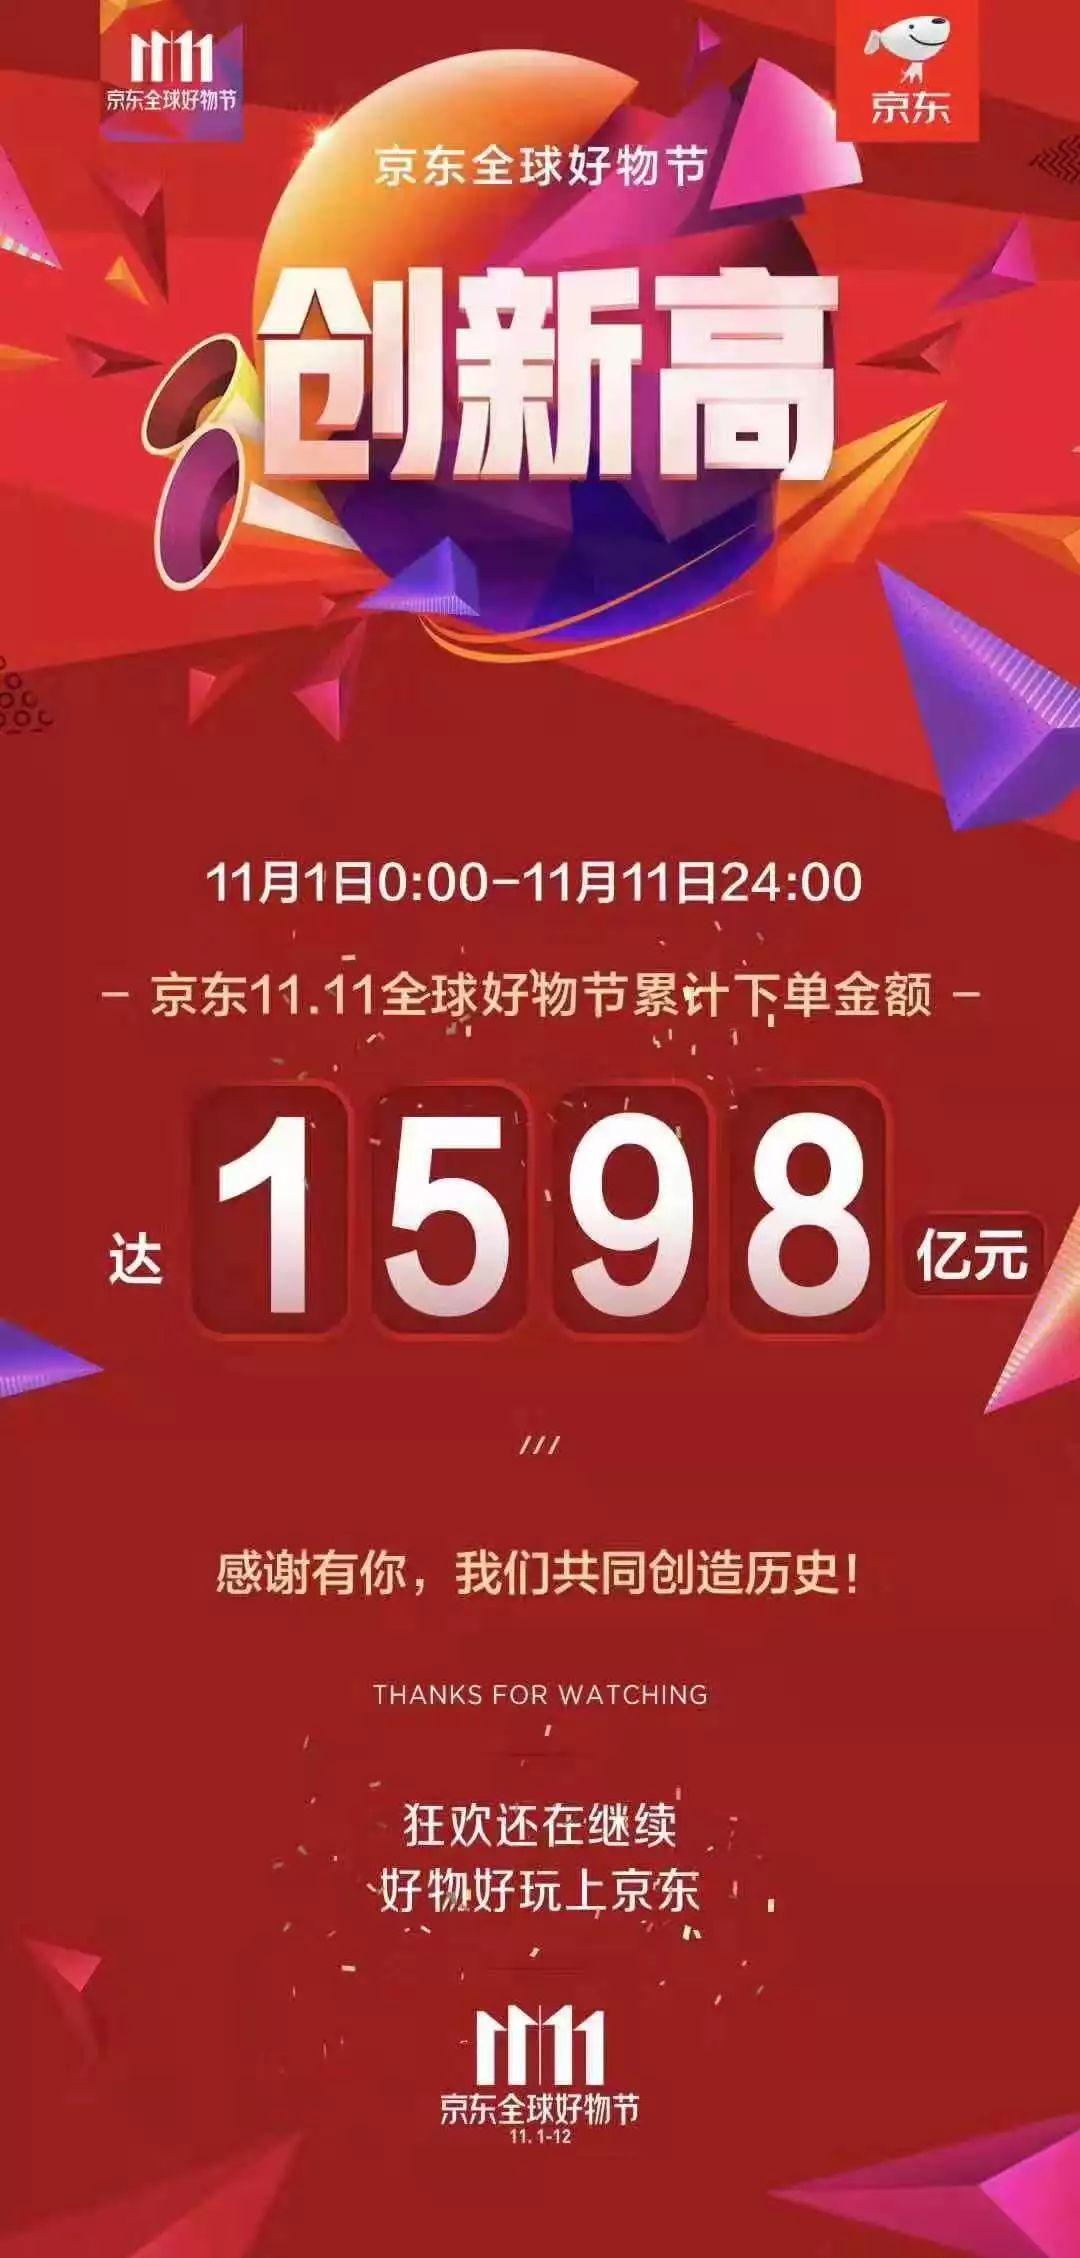 2018双十一天猫、京东、苏宁易购成交额各多少?双11平台销售数据曝光[多图]图片3